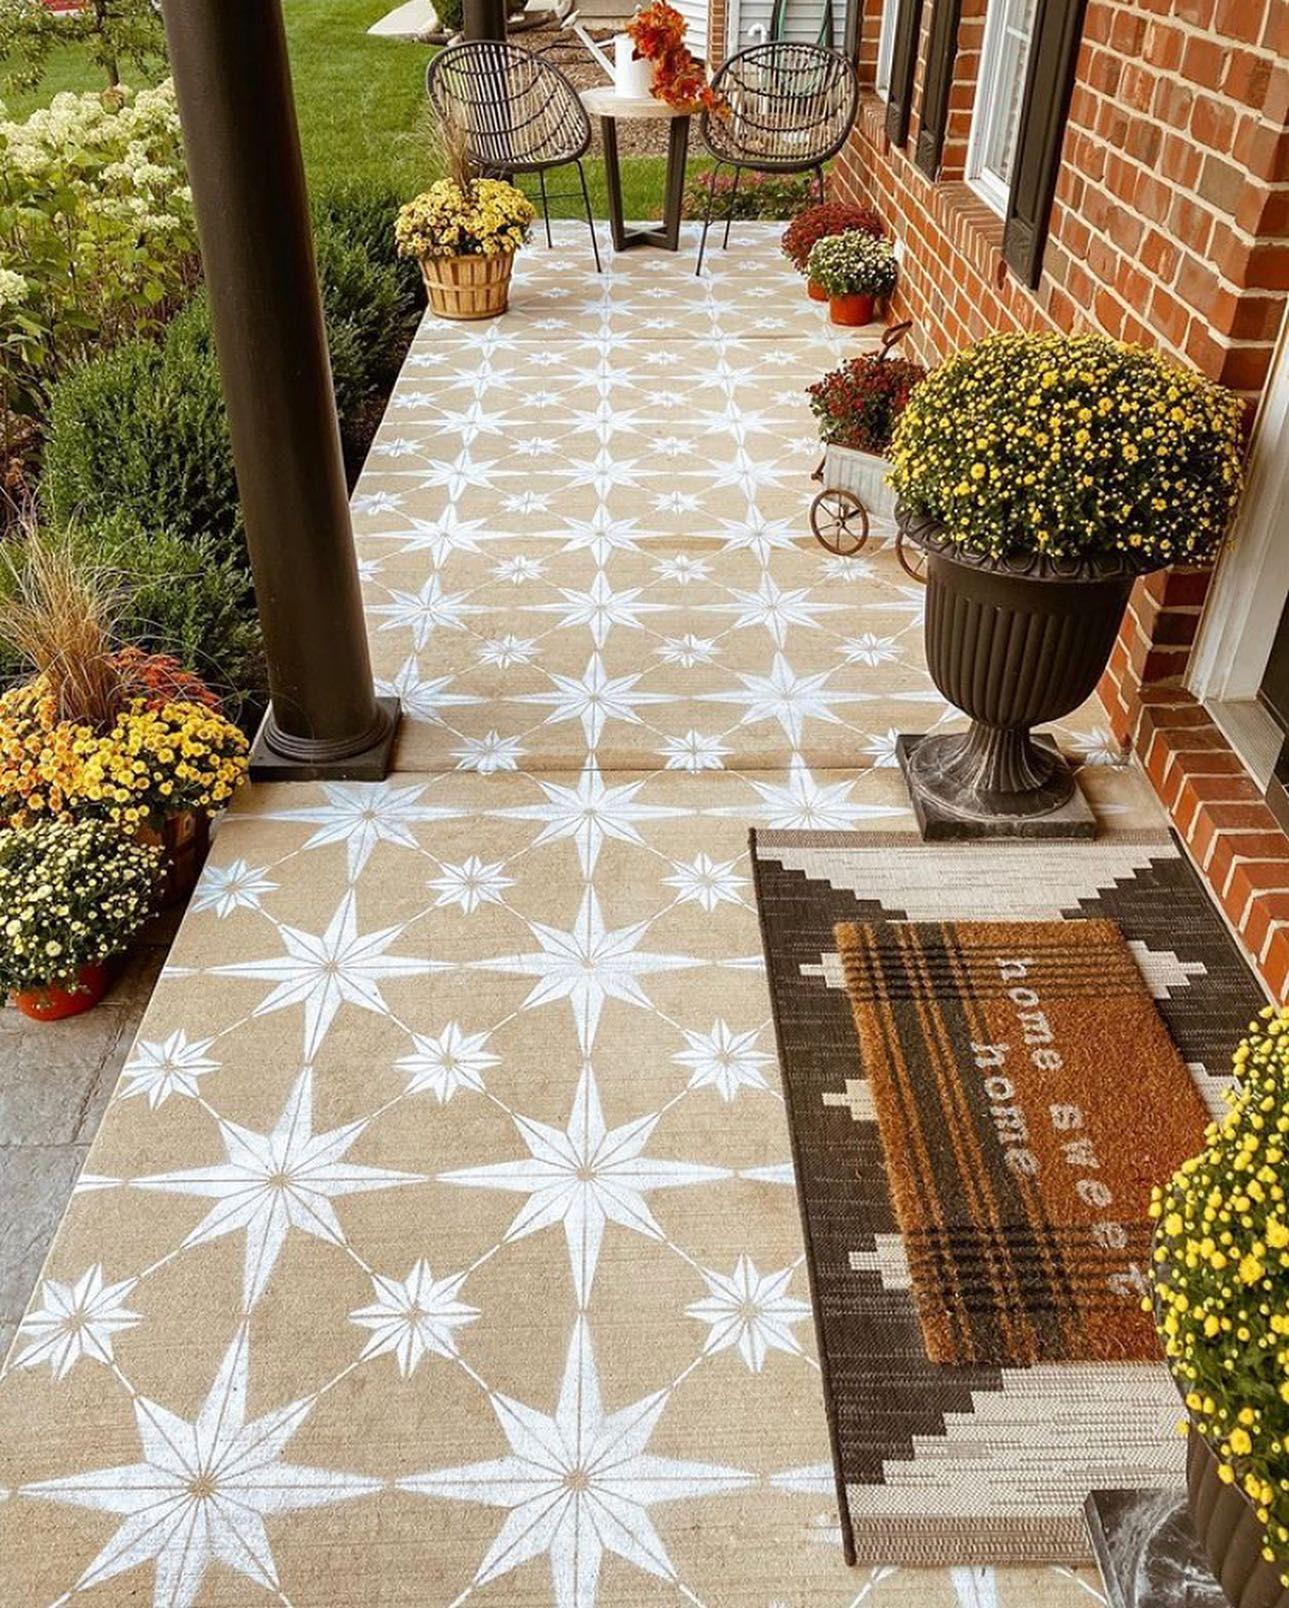 Floral design stenciled floor